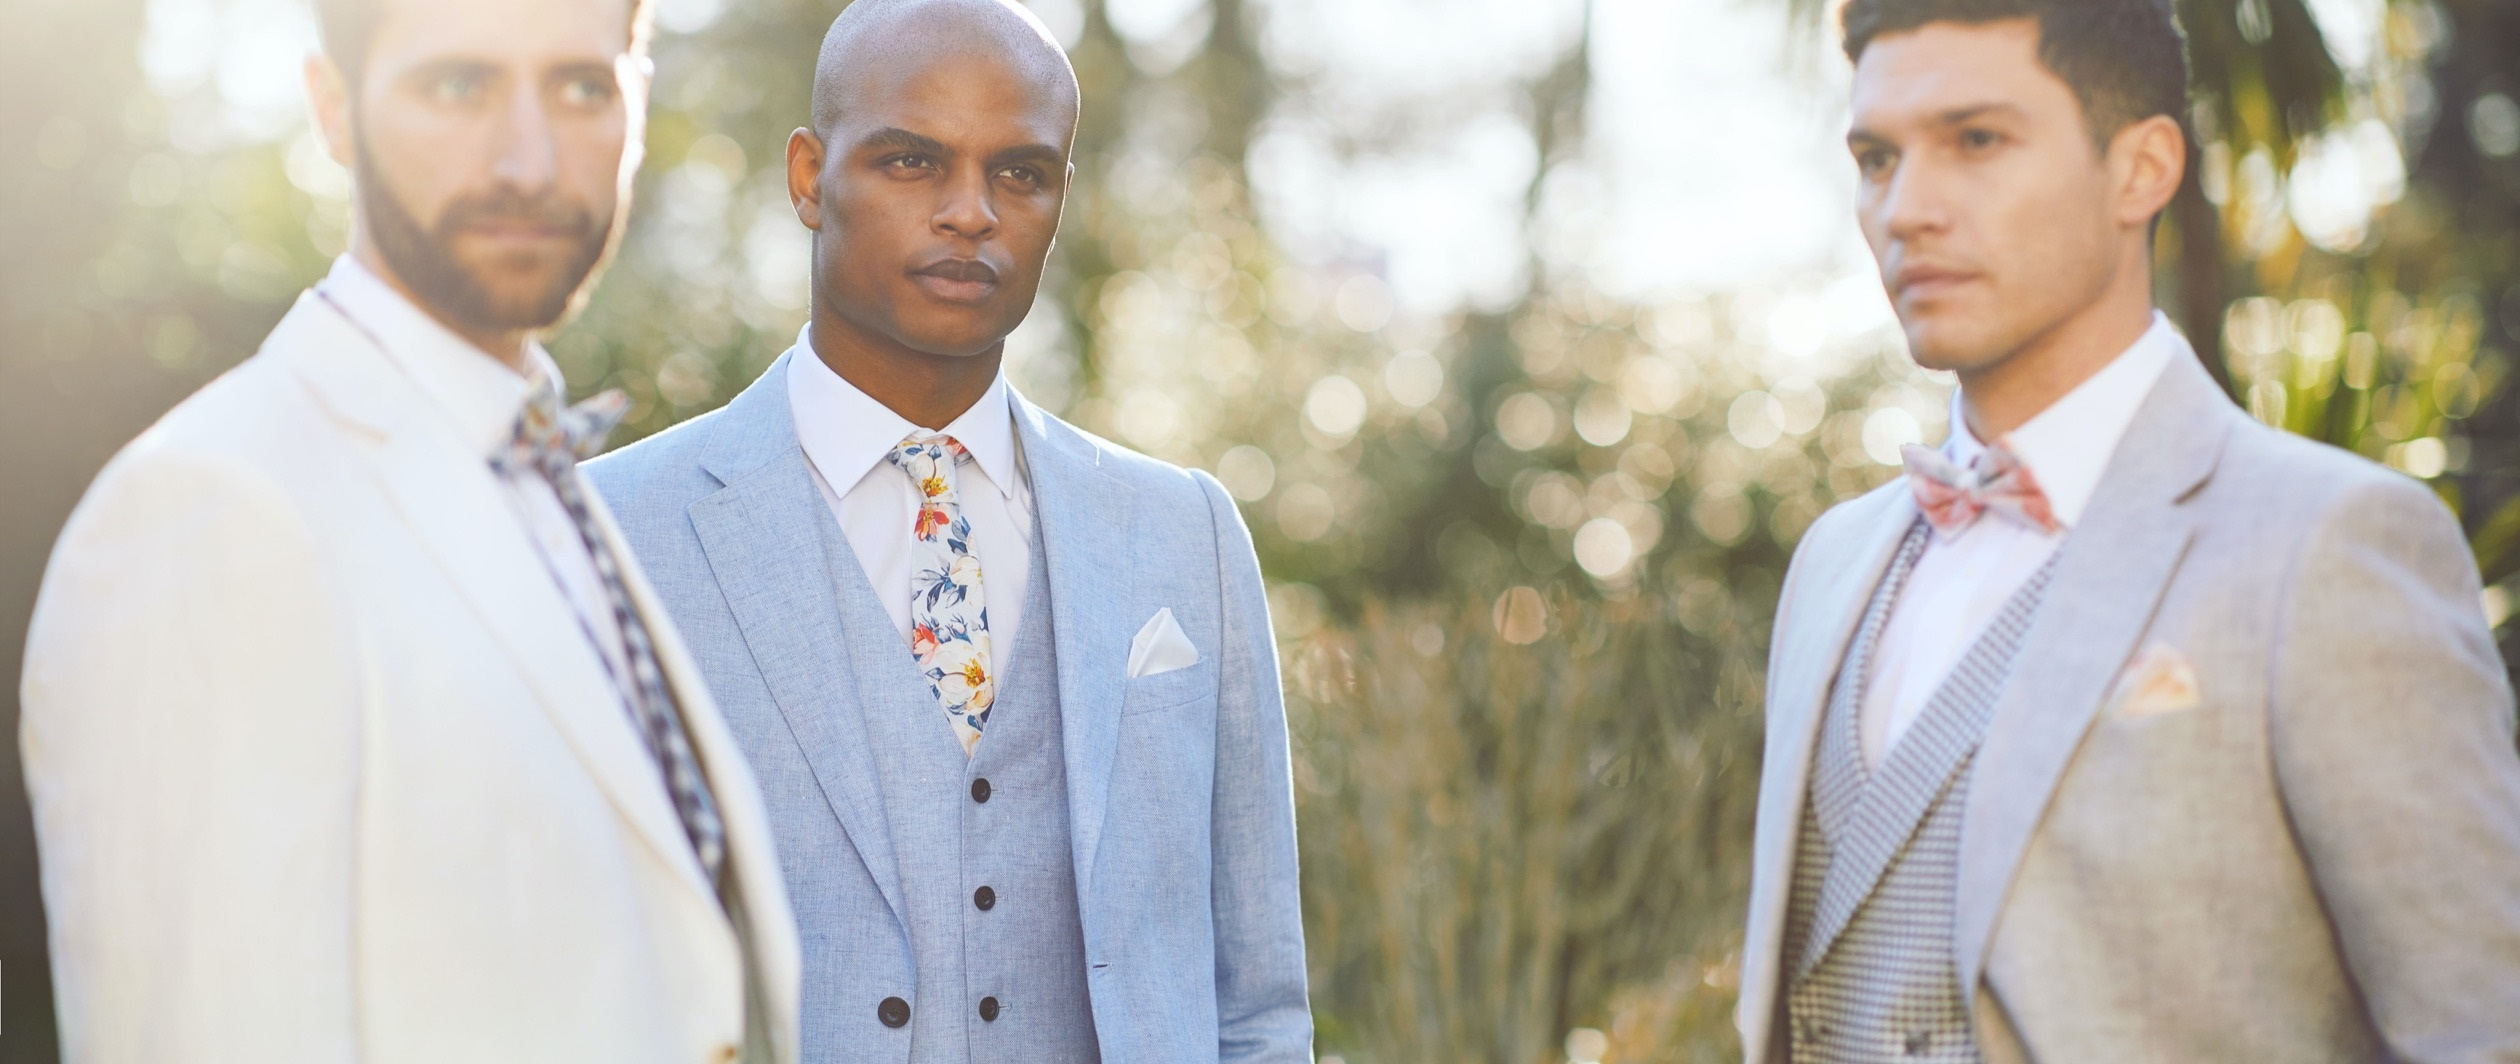 Men in wedding linen suits